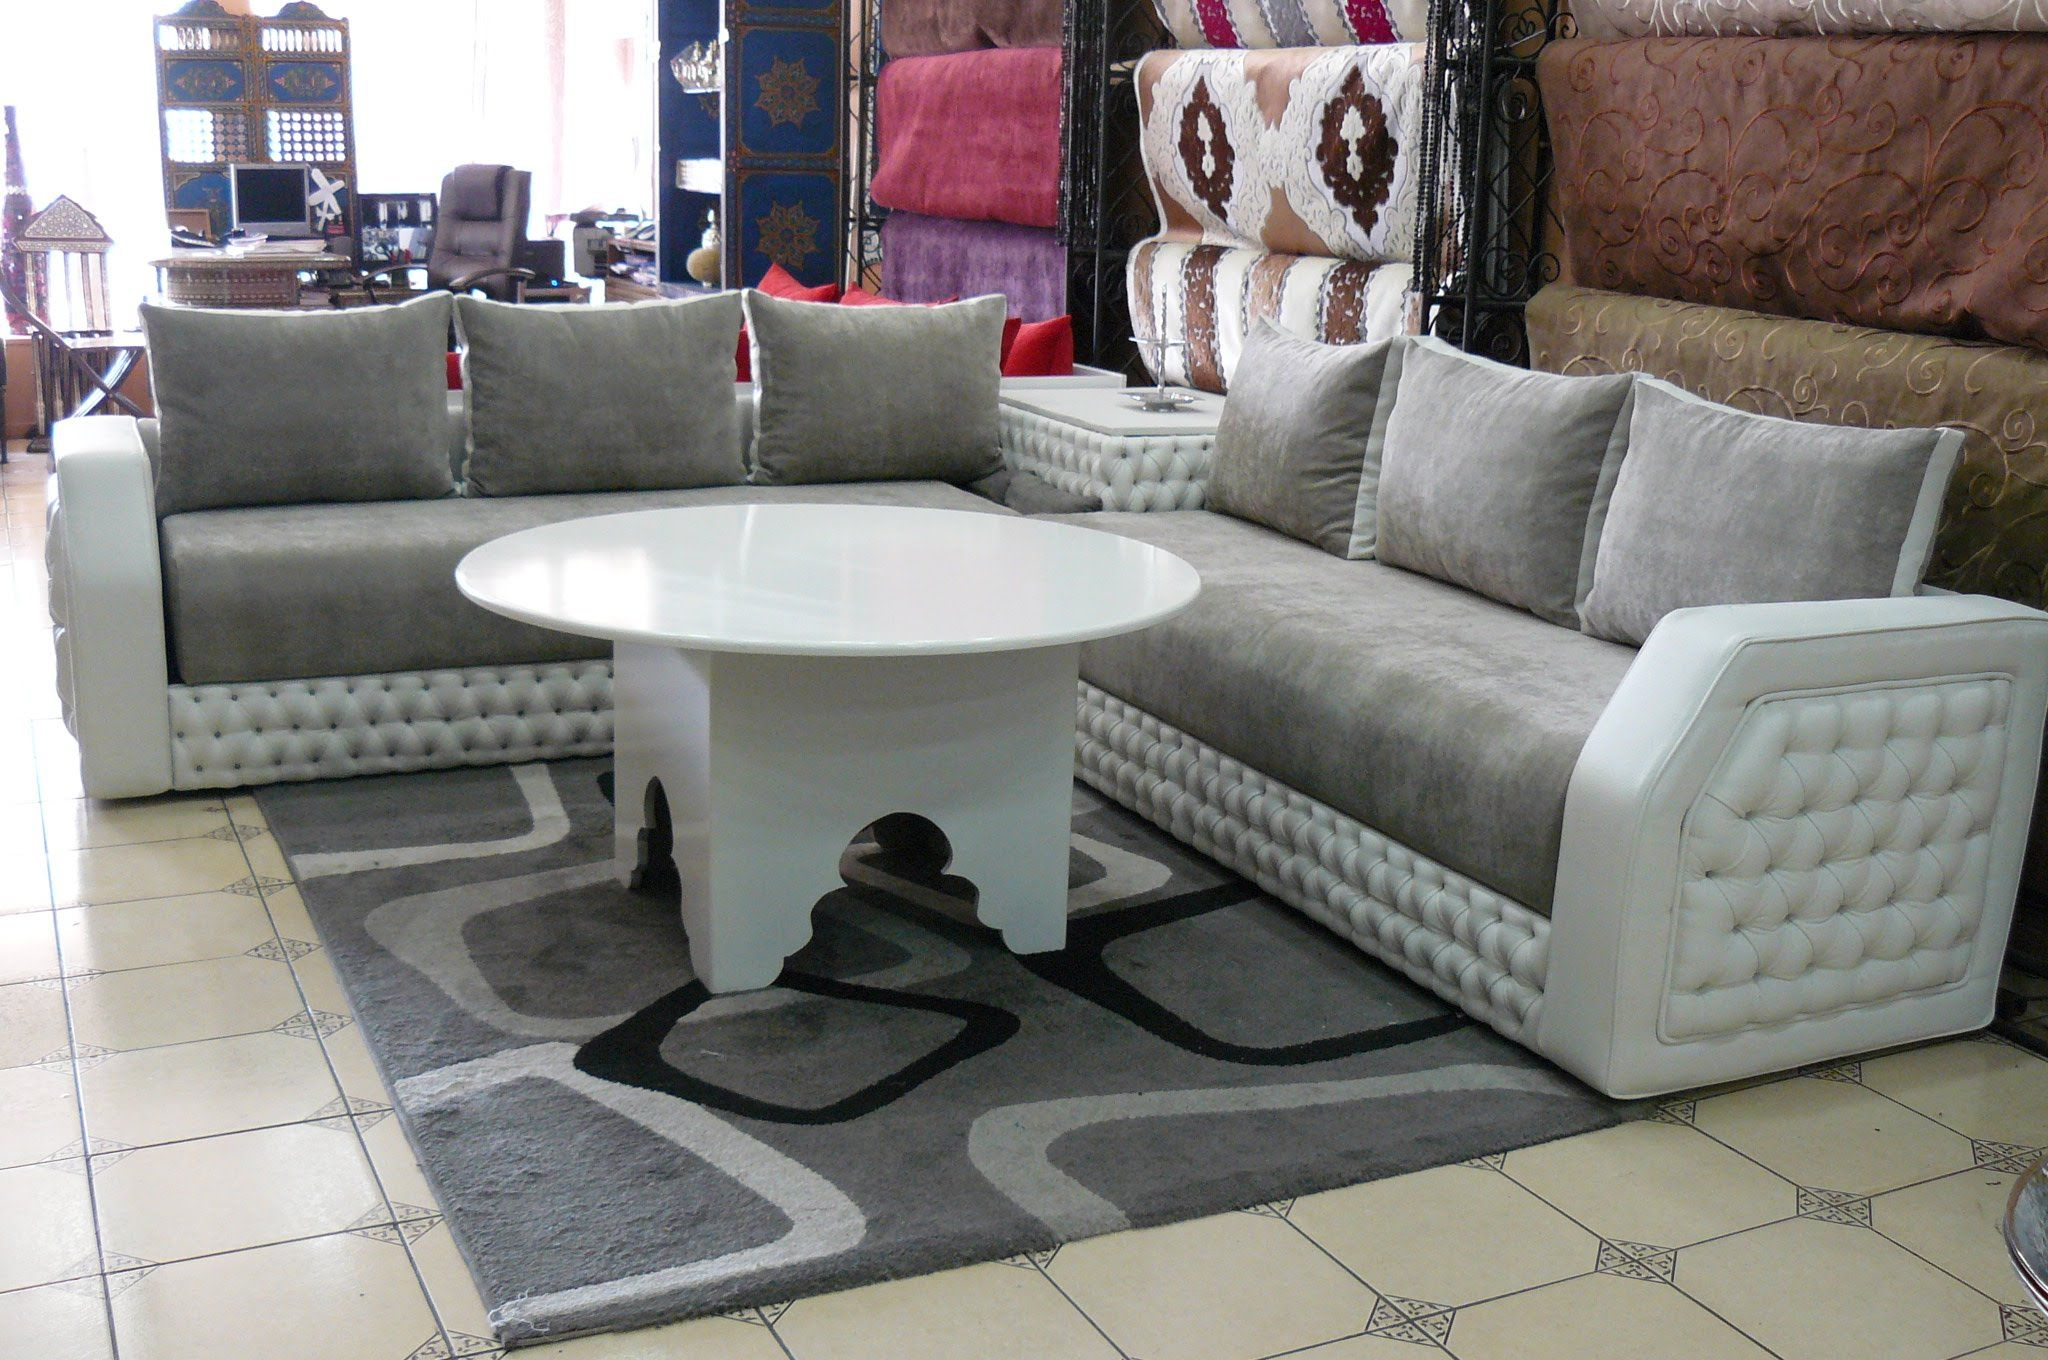 canap salon marocain gamme 2015 et 2016jpg - Sedari Marocain Blanc